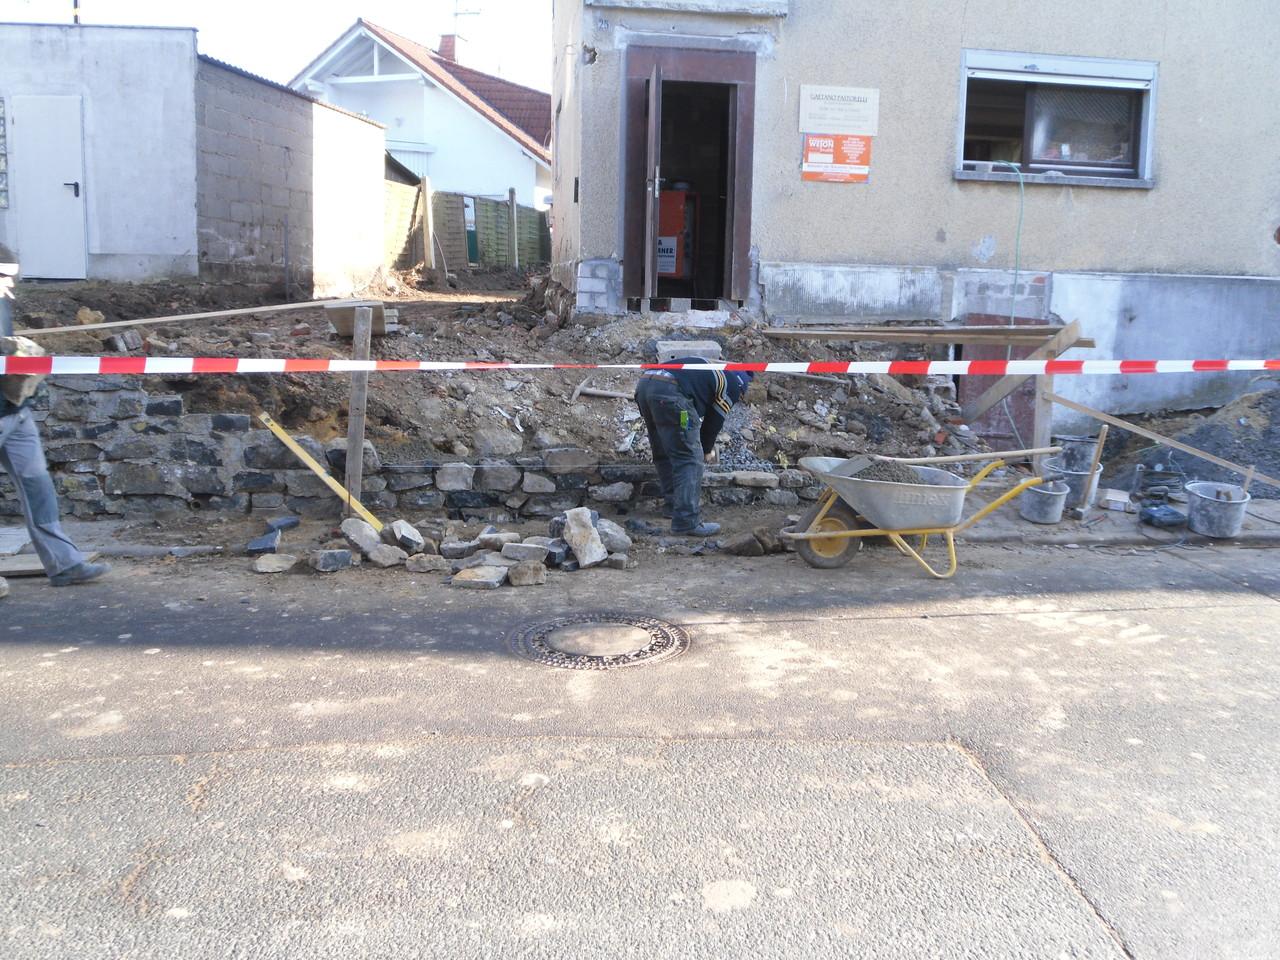 Einfamilienhaus - Erneuerung Bruchsteinmauer